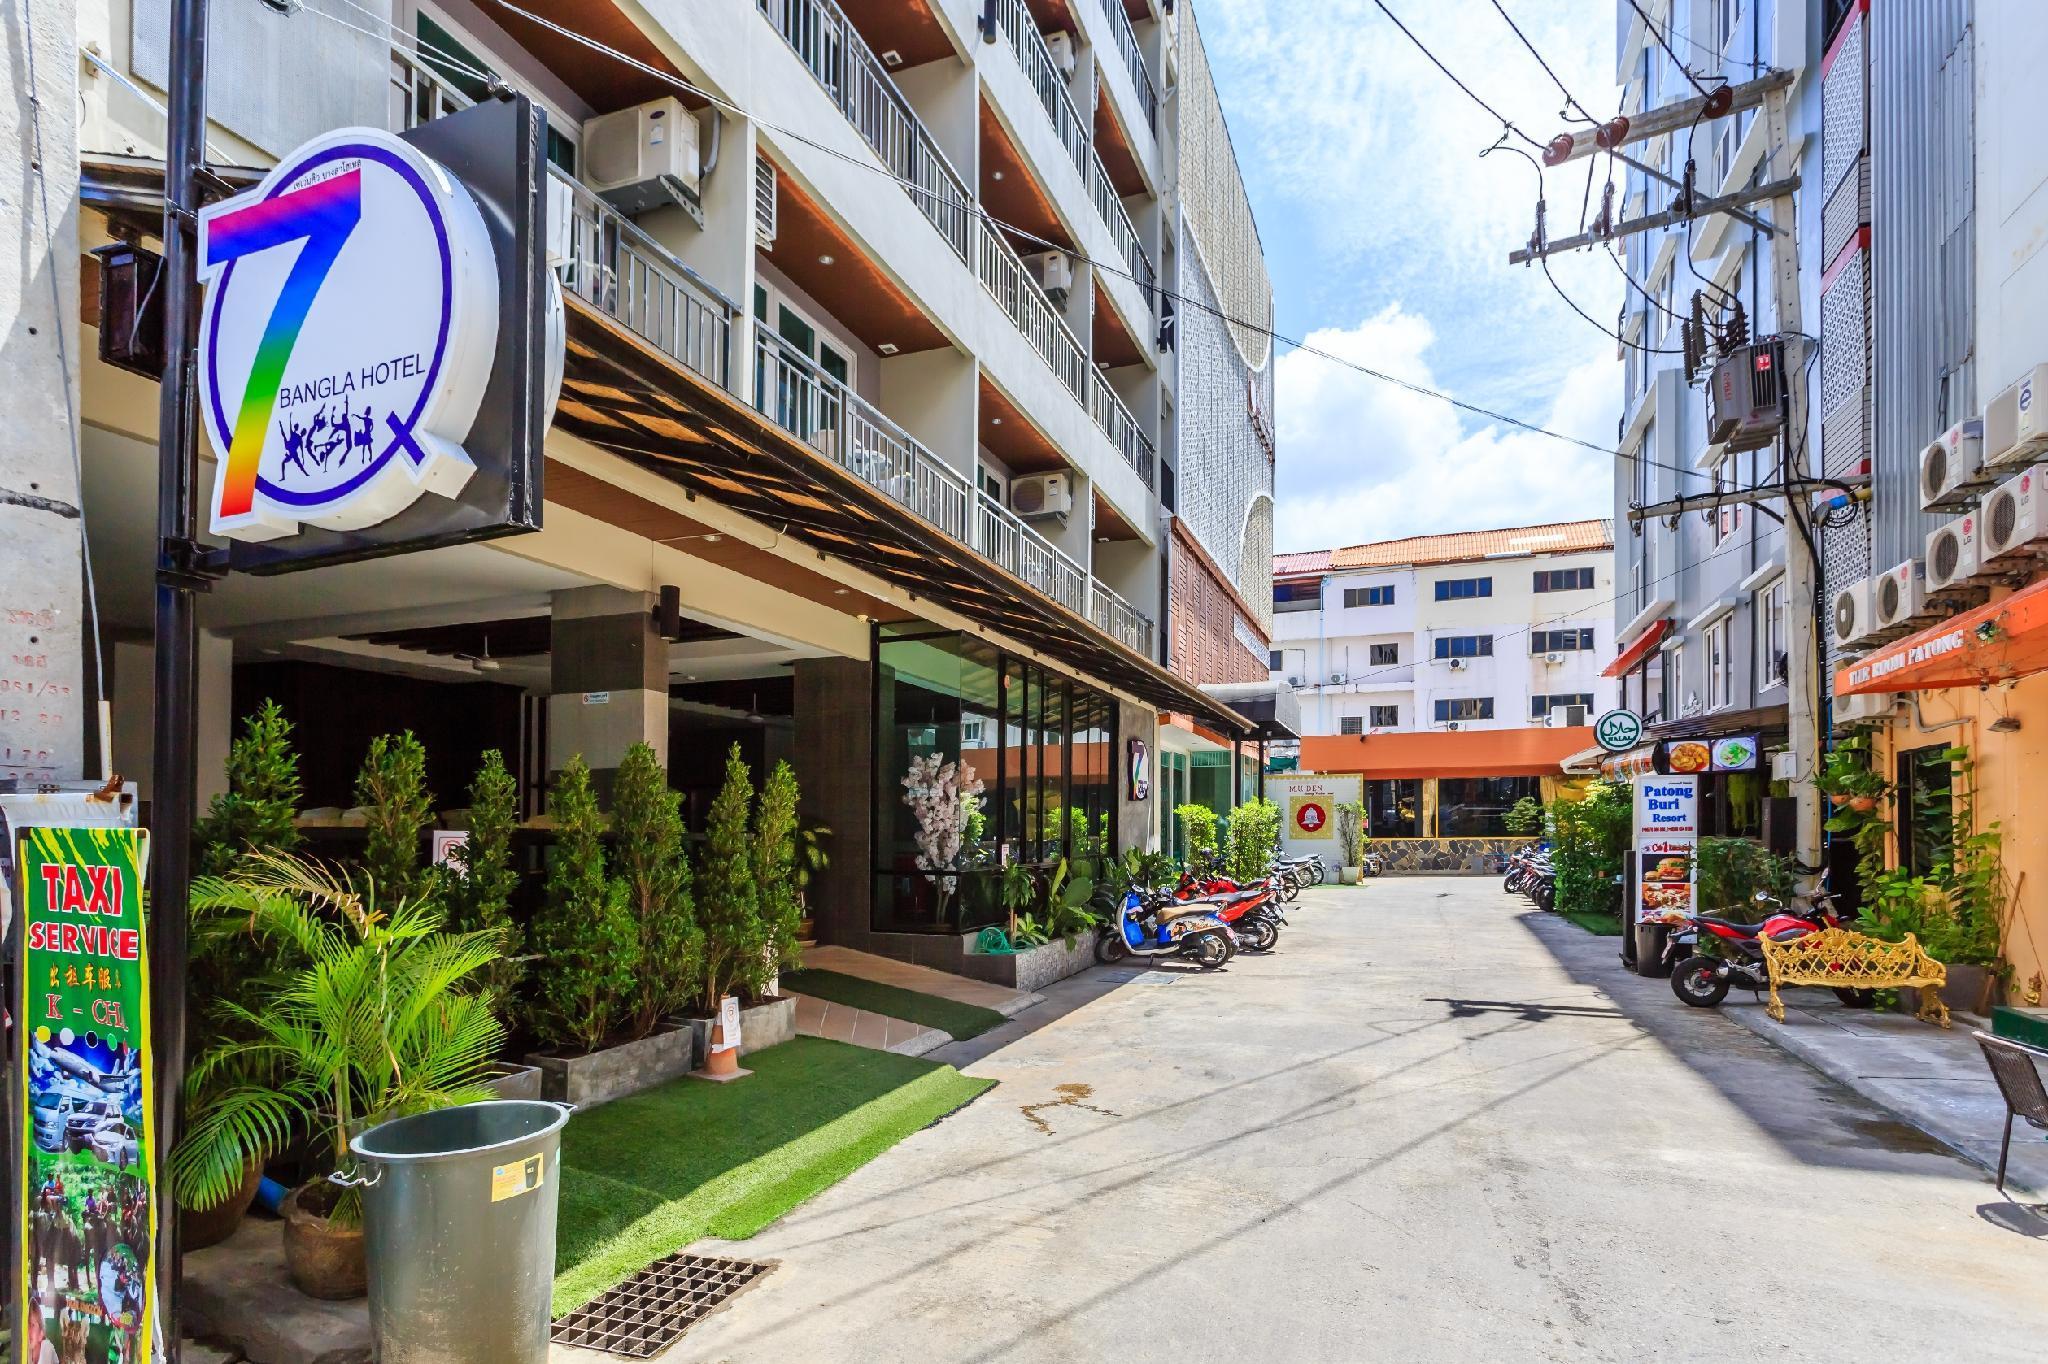 7Q Bangla Hotel Discount